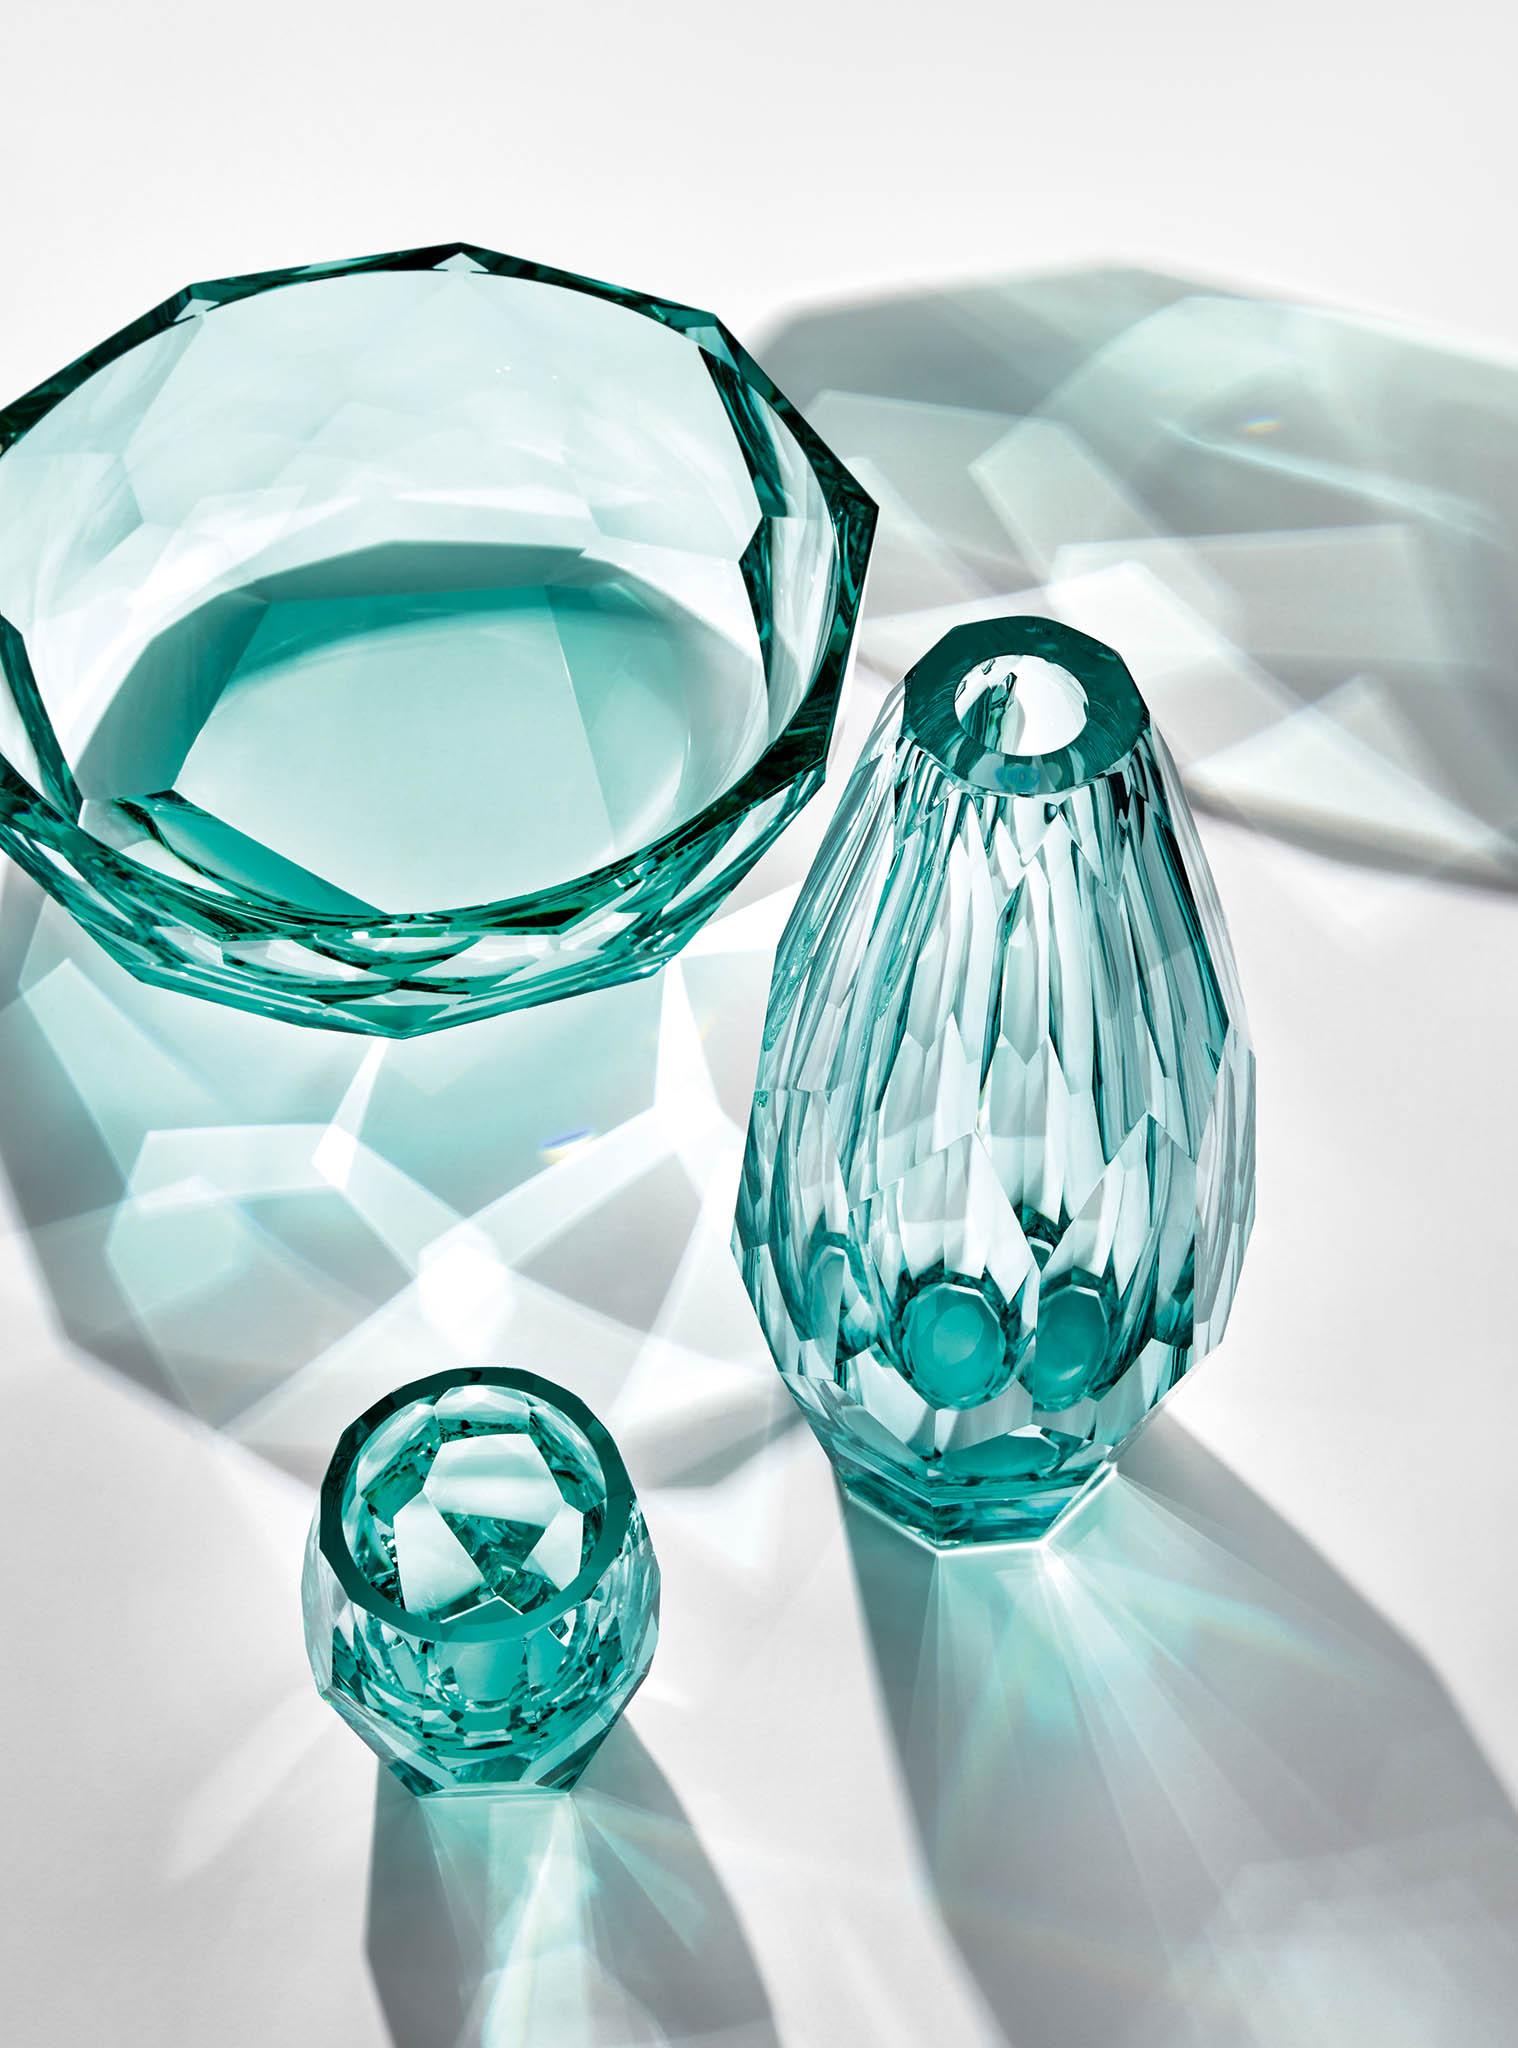 Se sklenicí zikonické kolekce Kubismus odkarlovarské sklárny Moser se vám vruce rozehraje tanec světla astínu, to vše velegantních moserovských barvách.